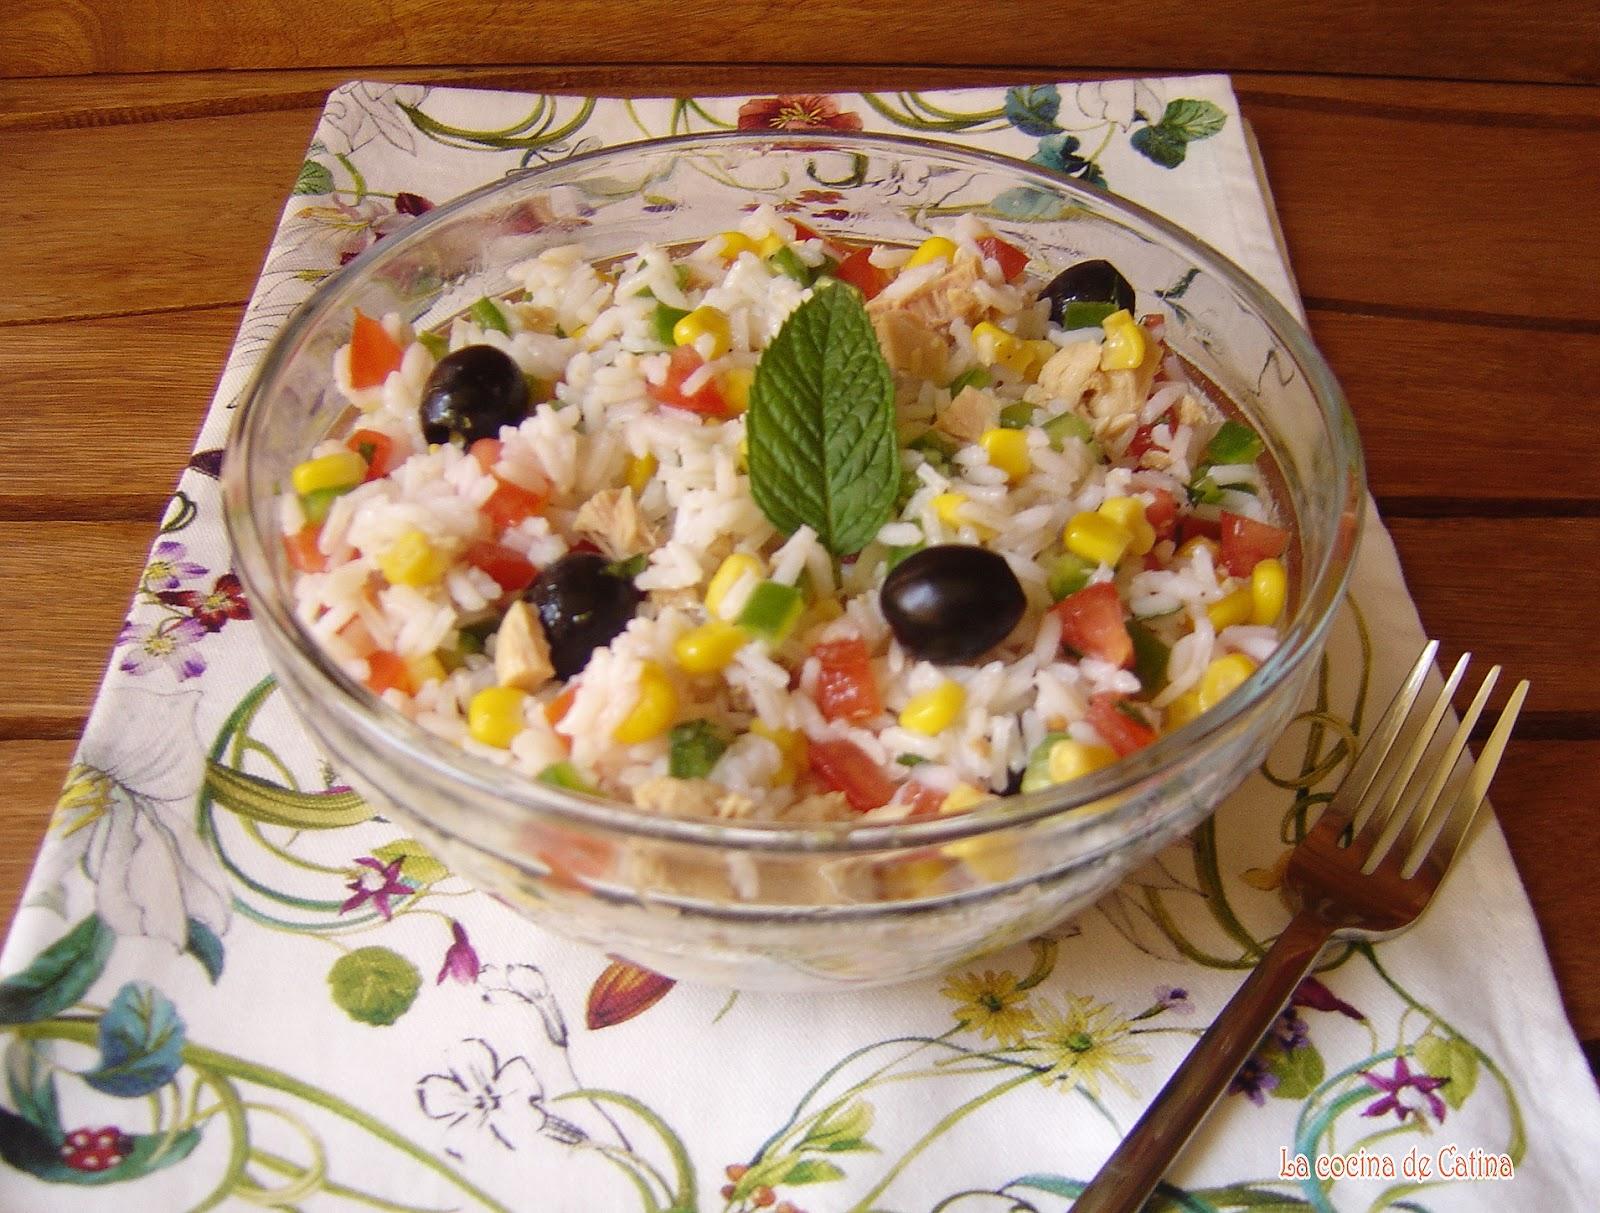 La cocina de catina ensalada de arroz con at n - Ensalada de arroz y atun ...